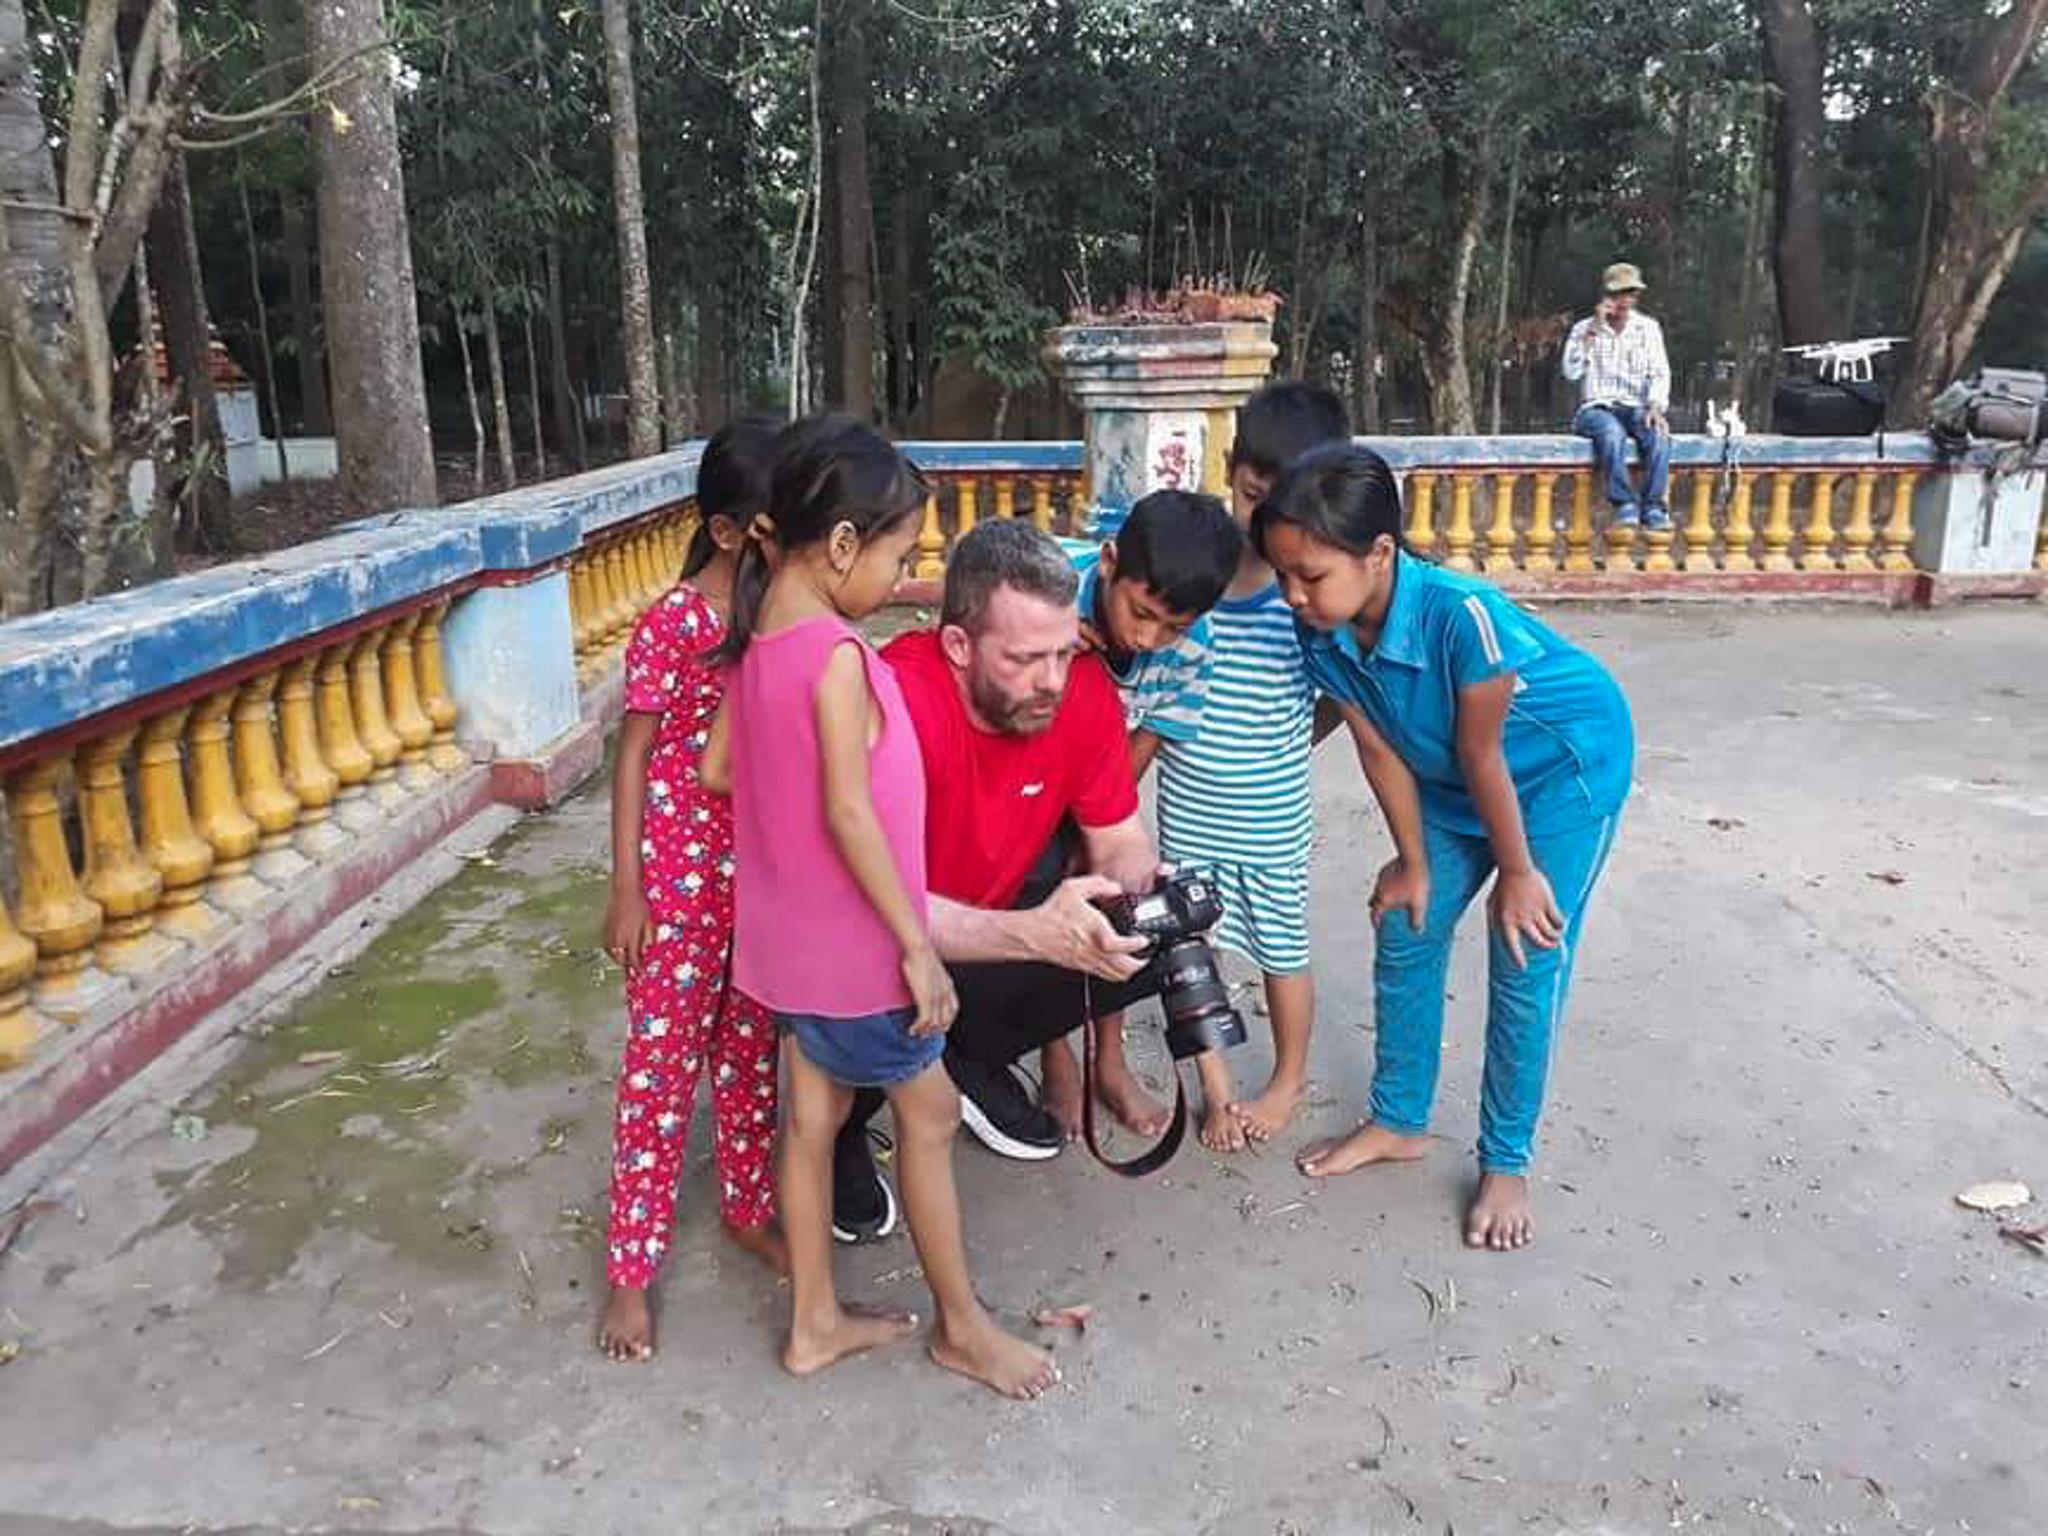 Kids In a Cambodian Temple in Vietnam